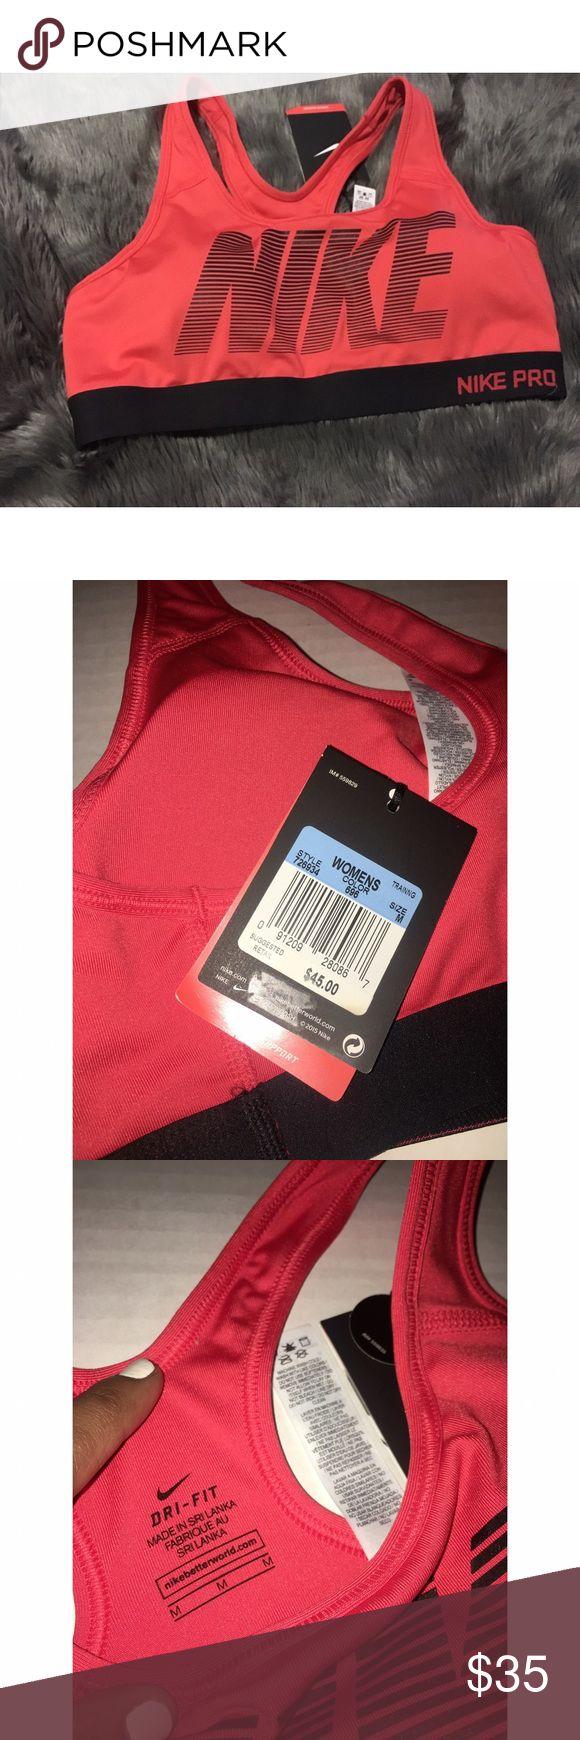 Nike sports bra BNWT• NIKE PRO women's sports bra• size M• Nike Intimates & Sleepwear Bras